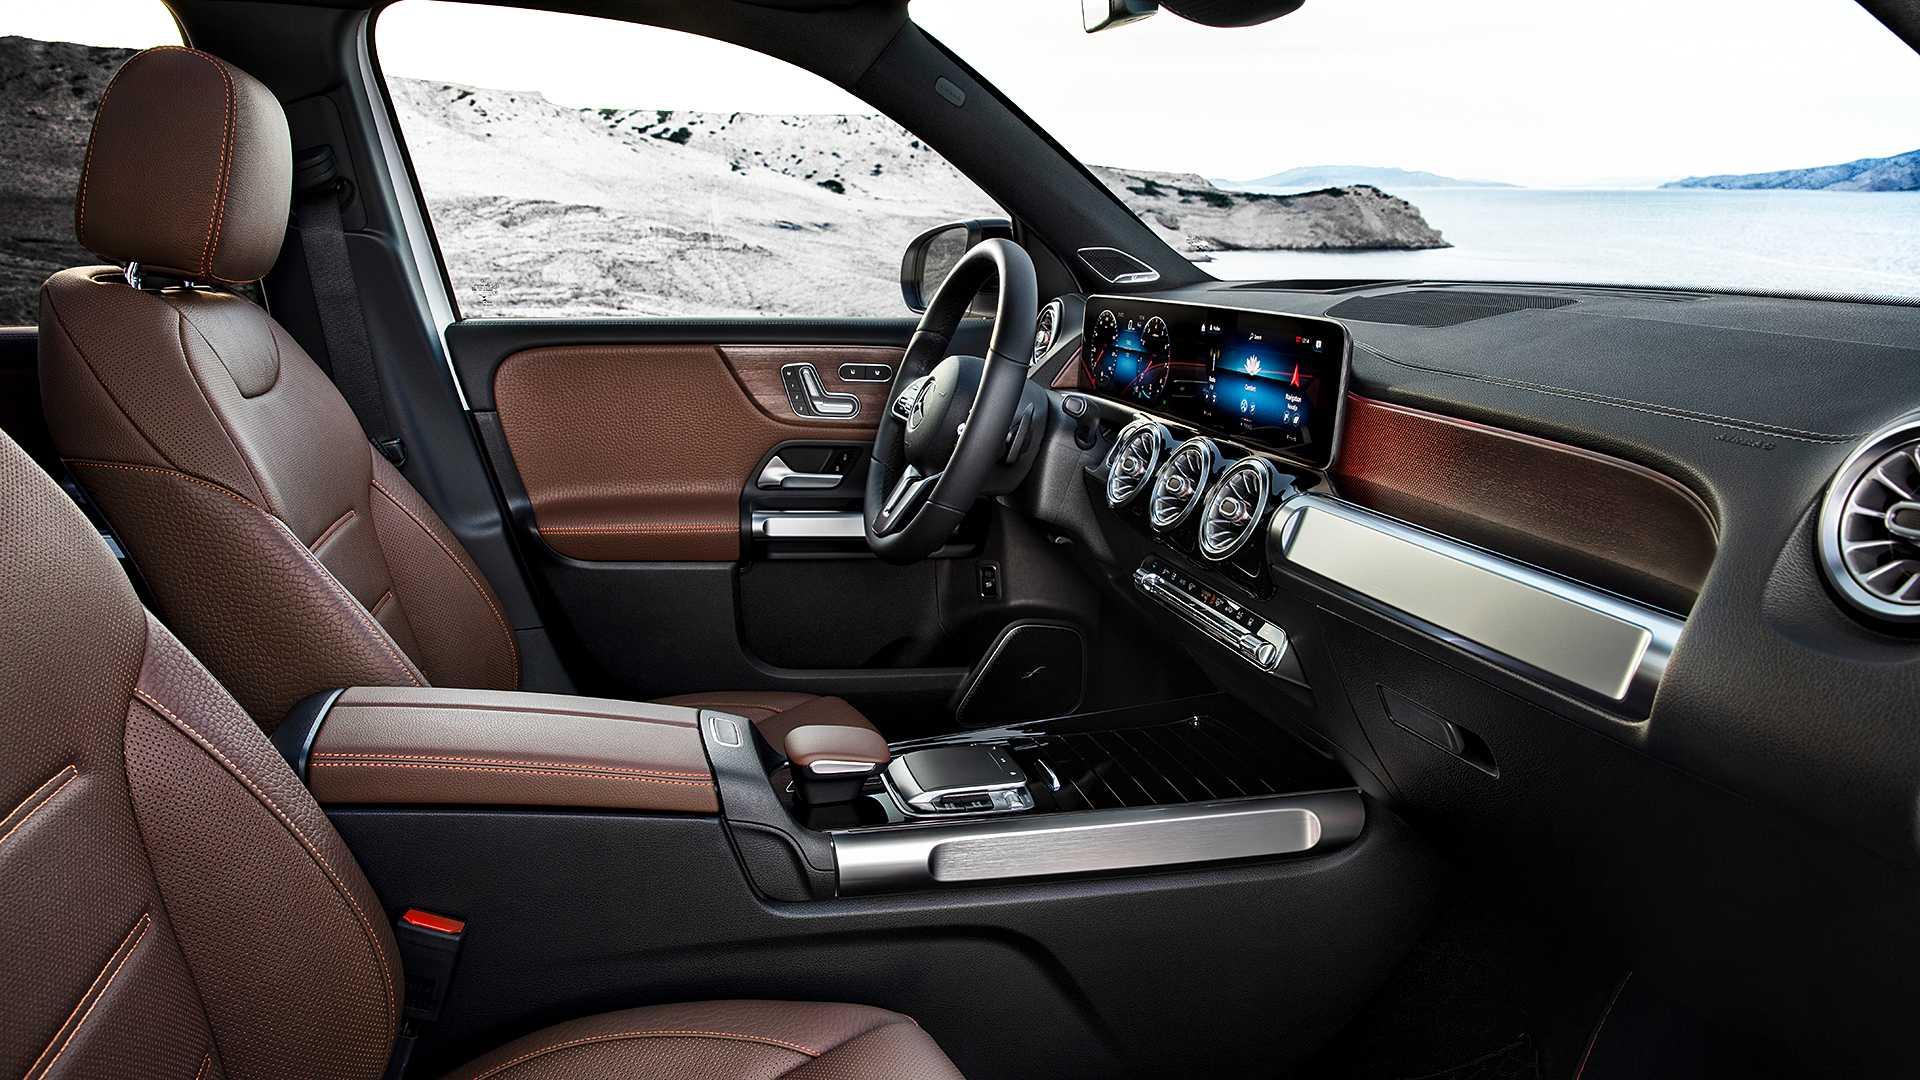 Mercedes-Benz GLB gây bất ngờ với thiết kế 7 chỗ dành cho gia đình - 21